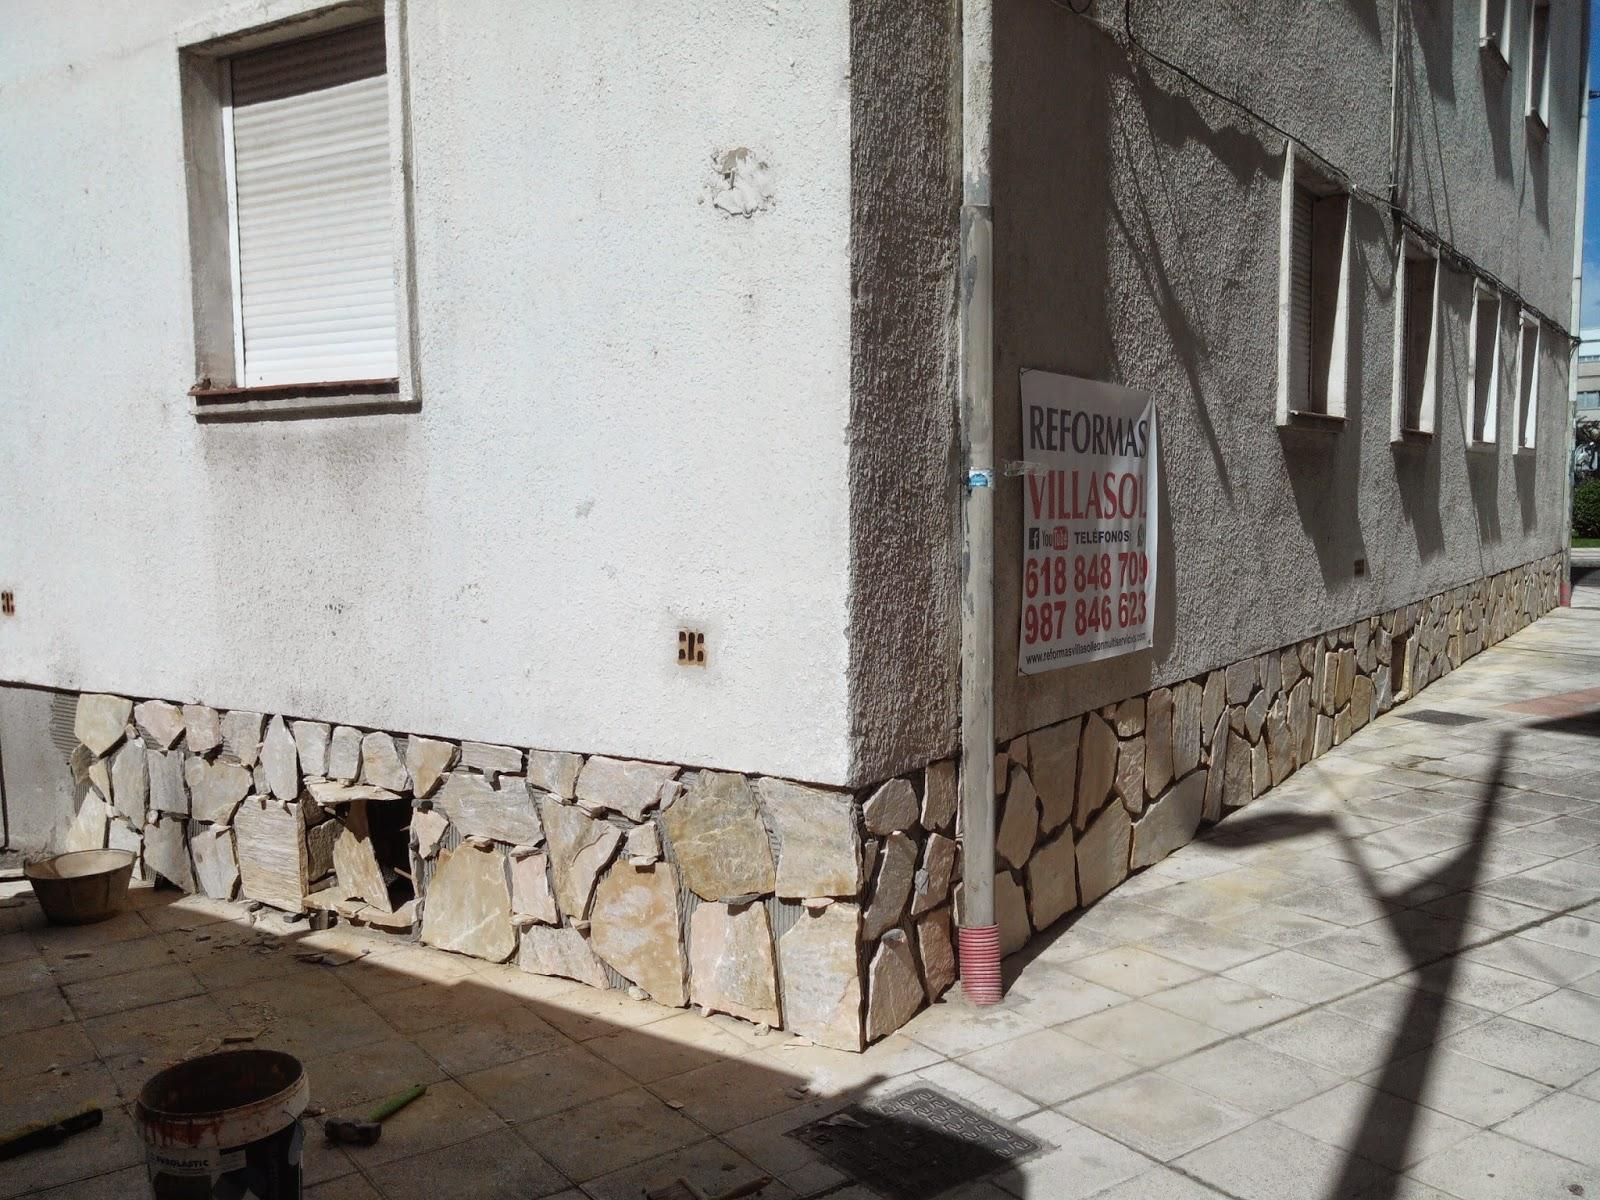 Presupuestos reformas y colocación de piedra natural en fachadas,en León. Presupuestos sin compromiso en tlf : 618848709 wasap-y 987846623.